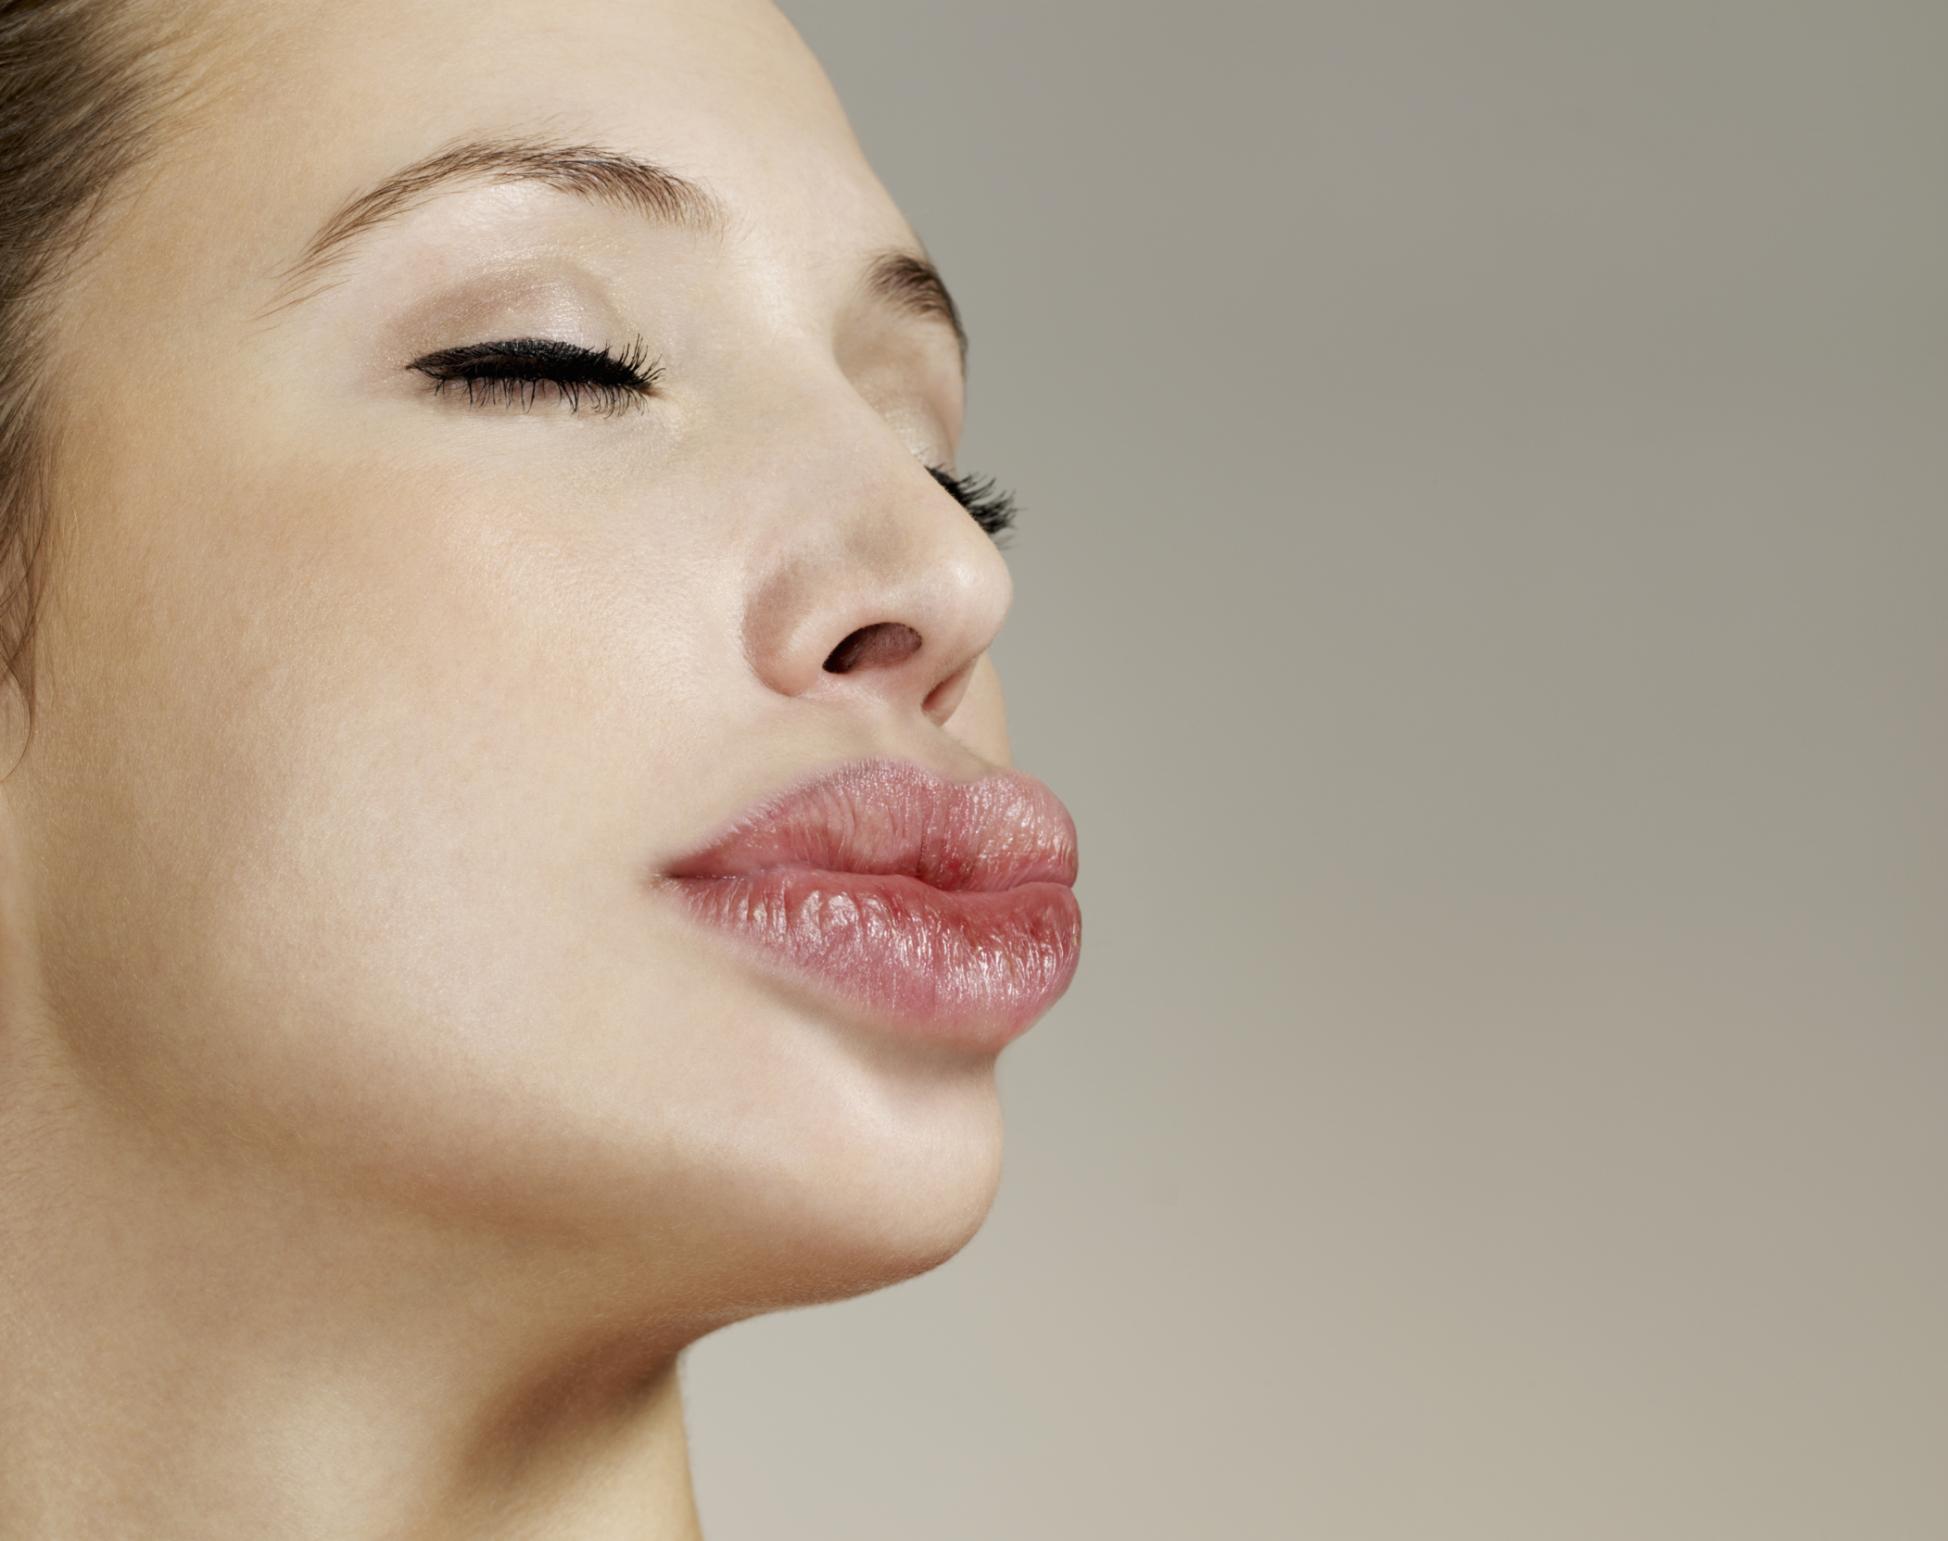 неизвестной фото пологые губы словам шоумена